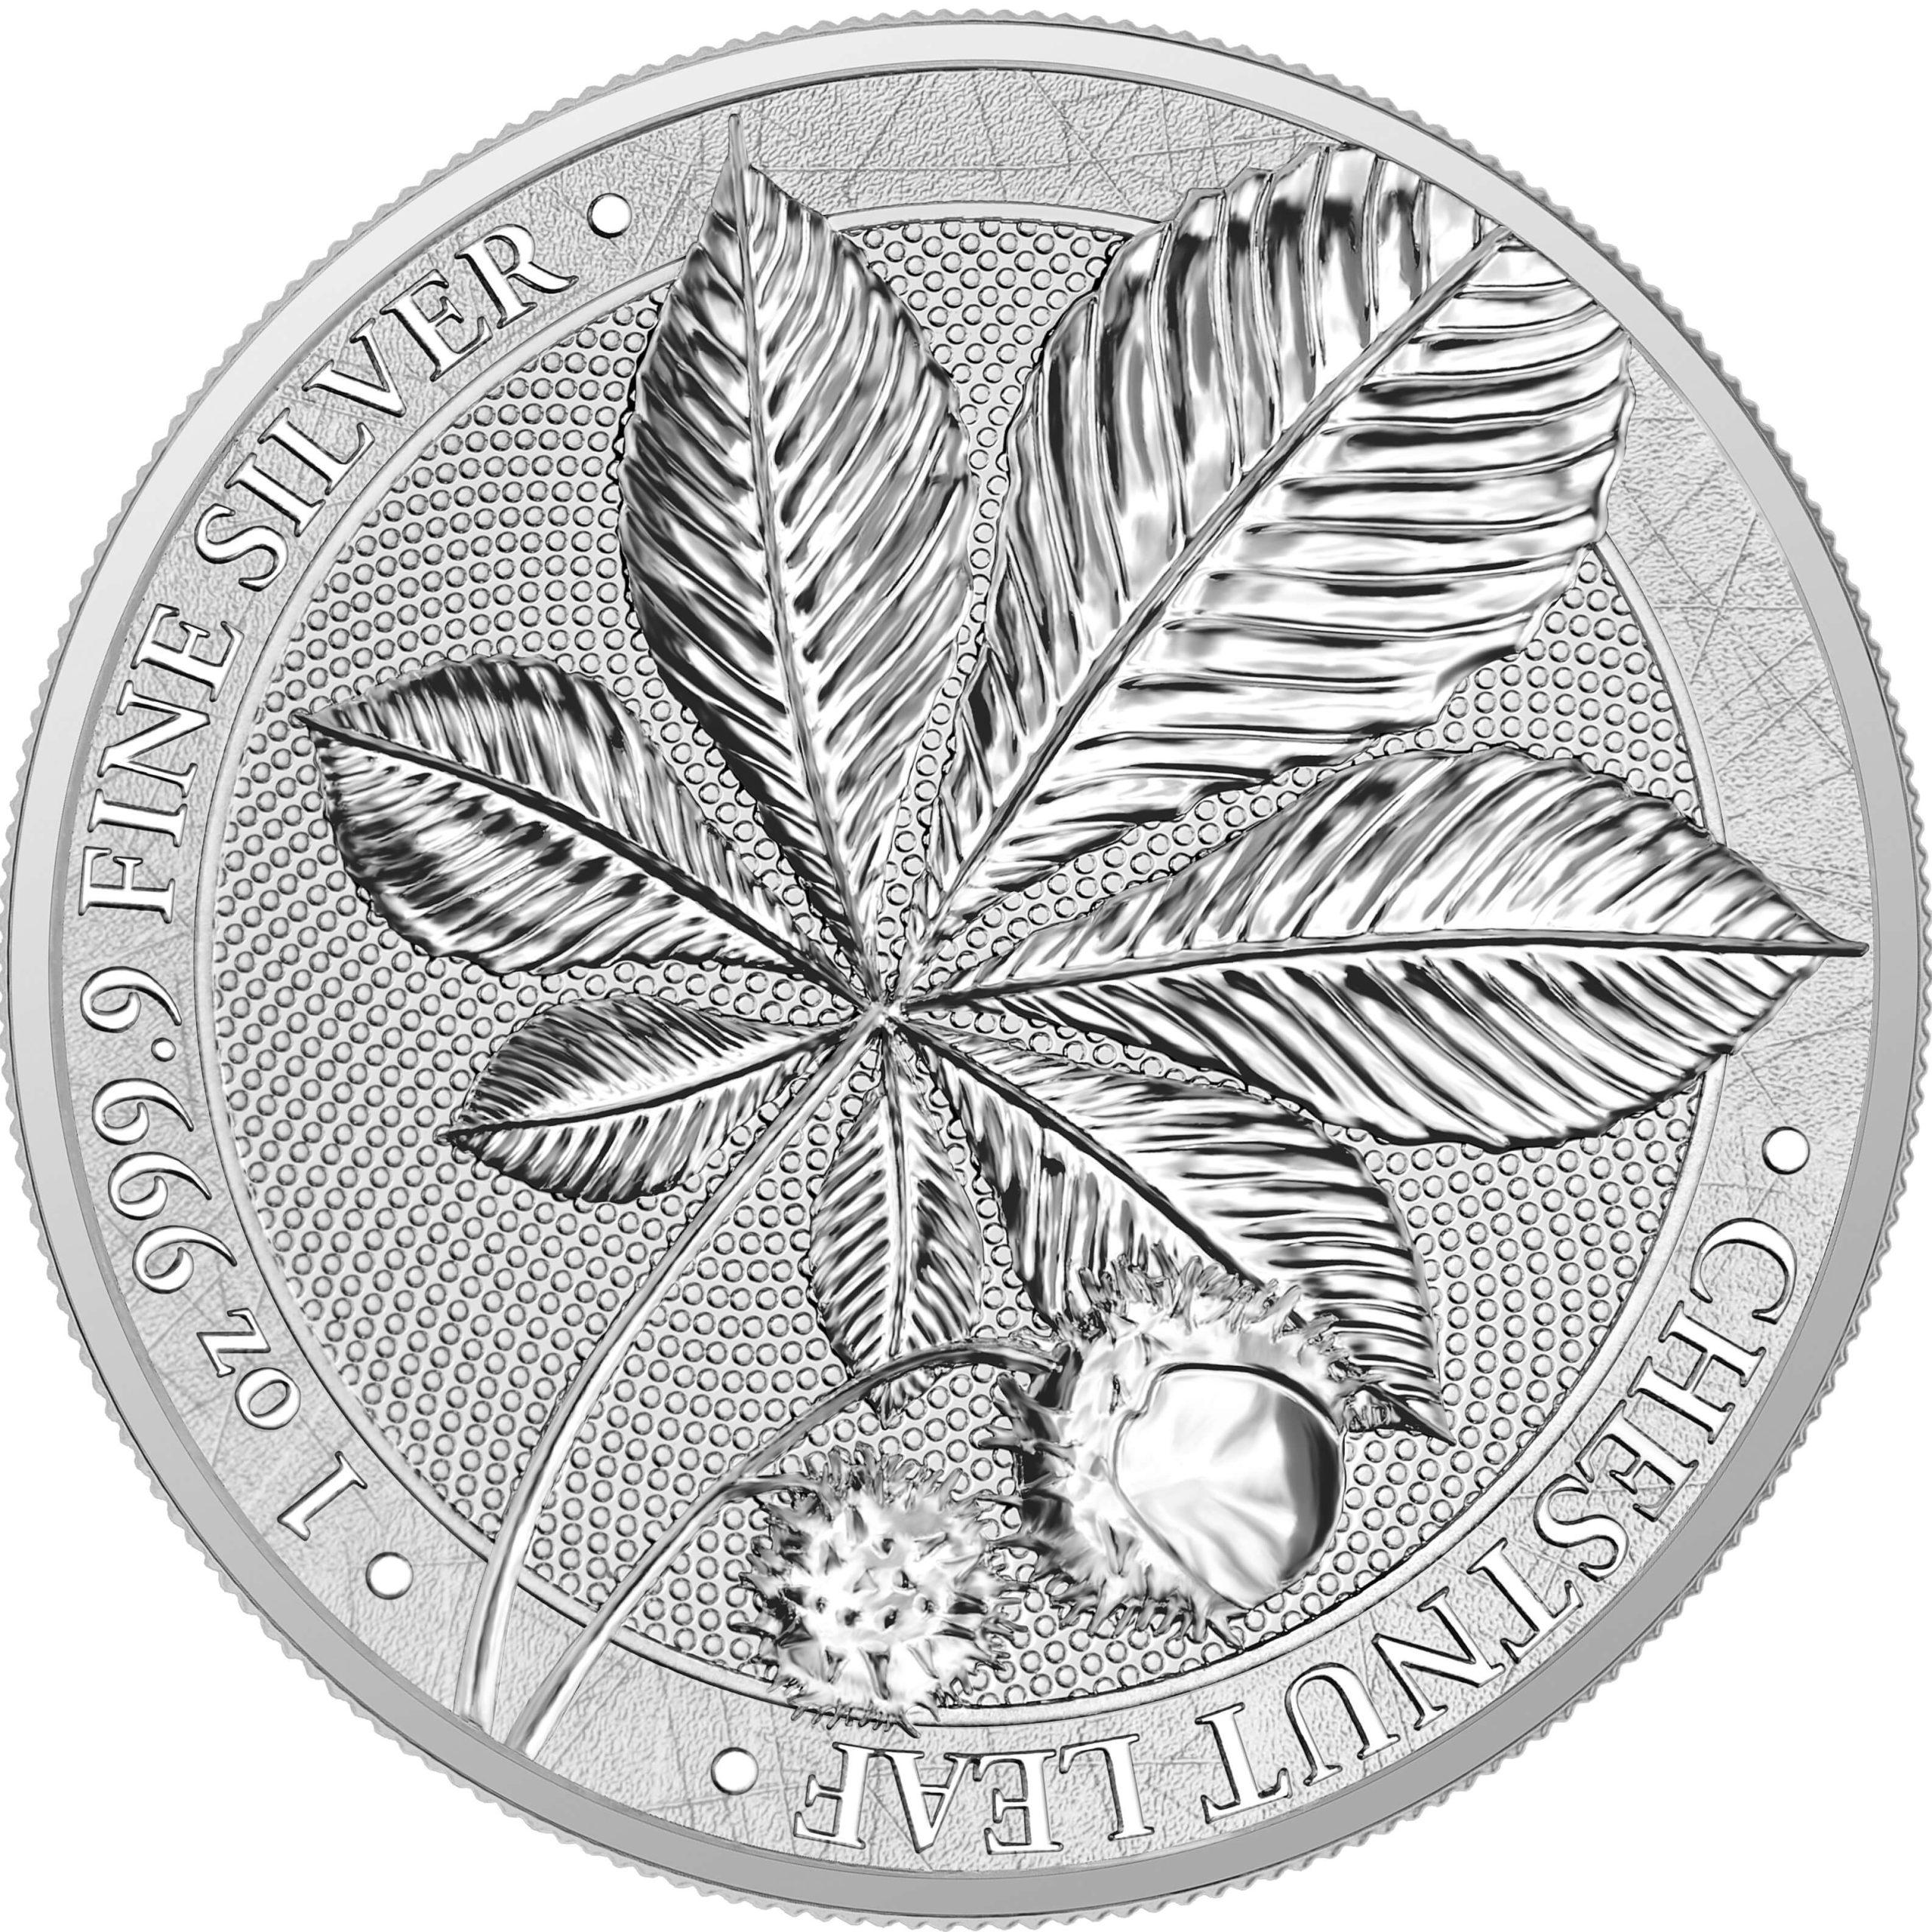 2021 Mythical Forest - Chestnut Leaf 1oz .9999 Silver Bullion Coin 1